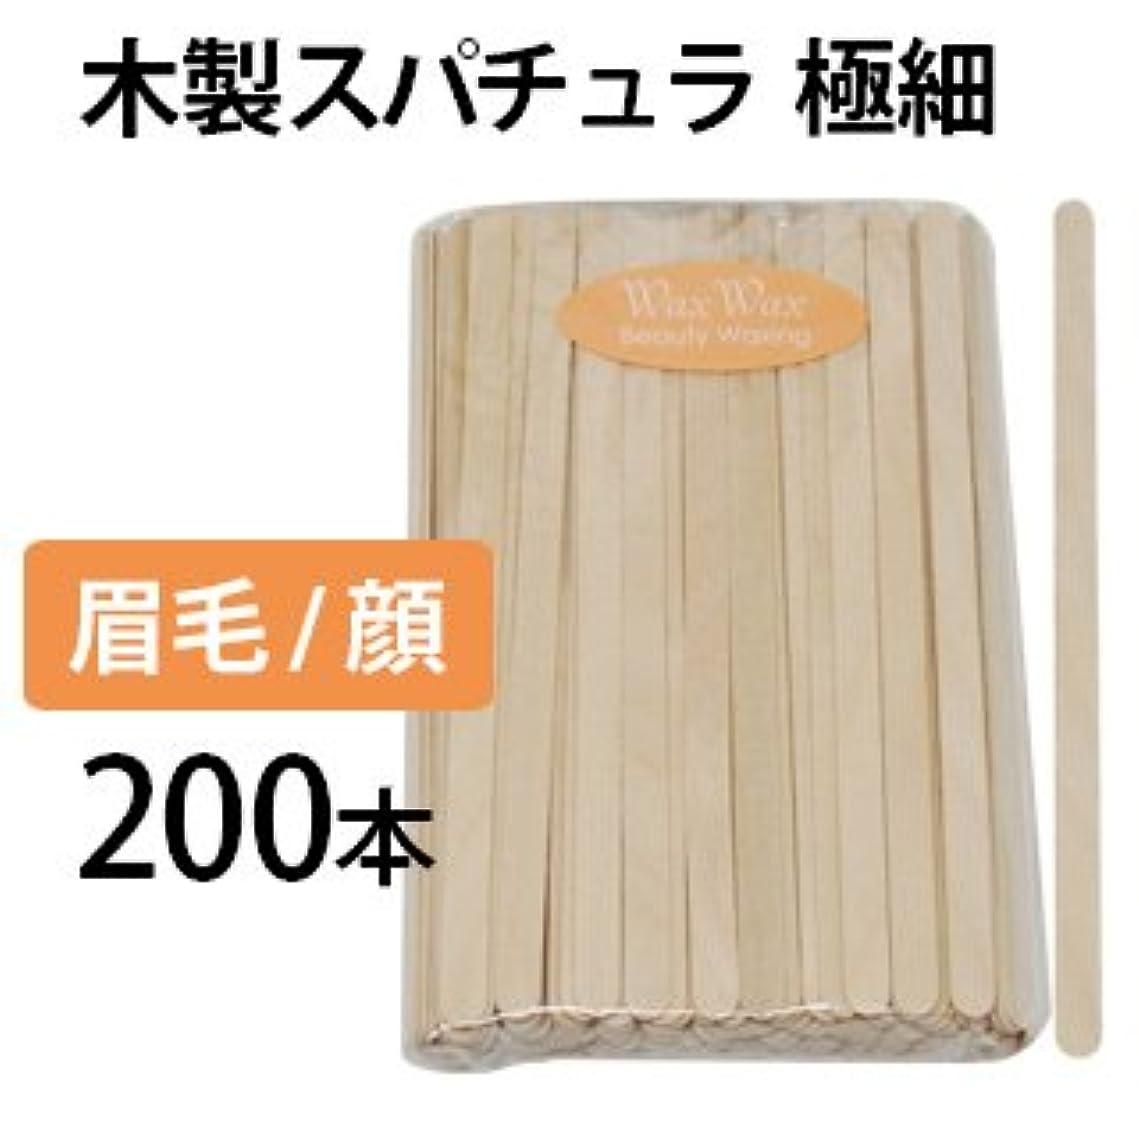 すごい存在水素眉毛 アイブロウ用スパチュラ 200本セット 極細 木製スパチュラ 使い捨て